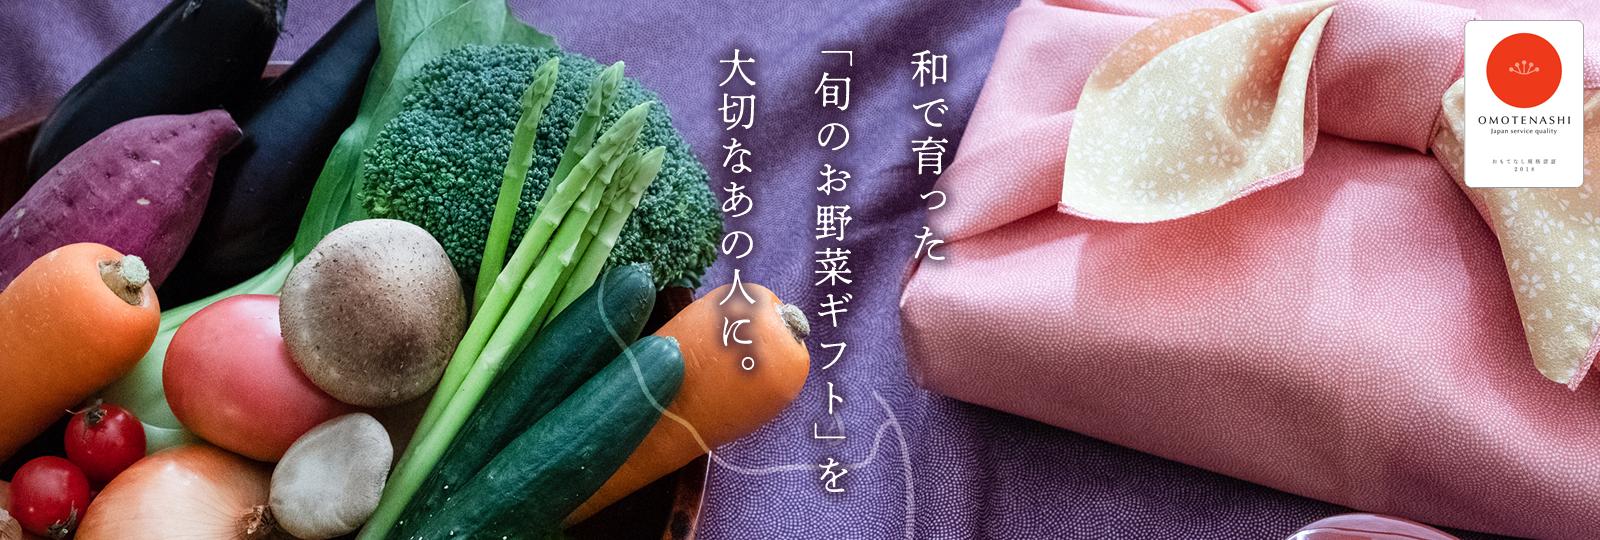 和で育った「旬のお野菜ギフト」を大切なあの人に。